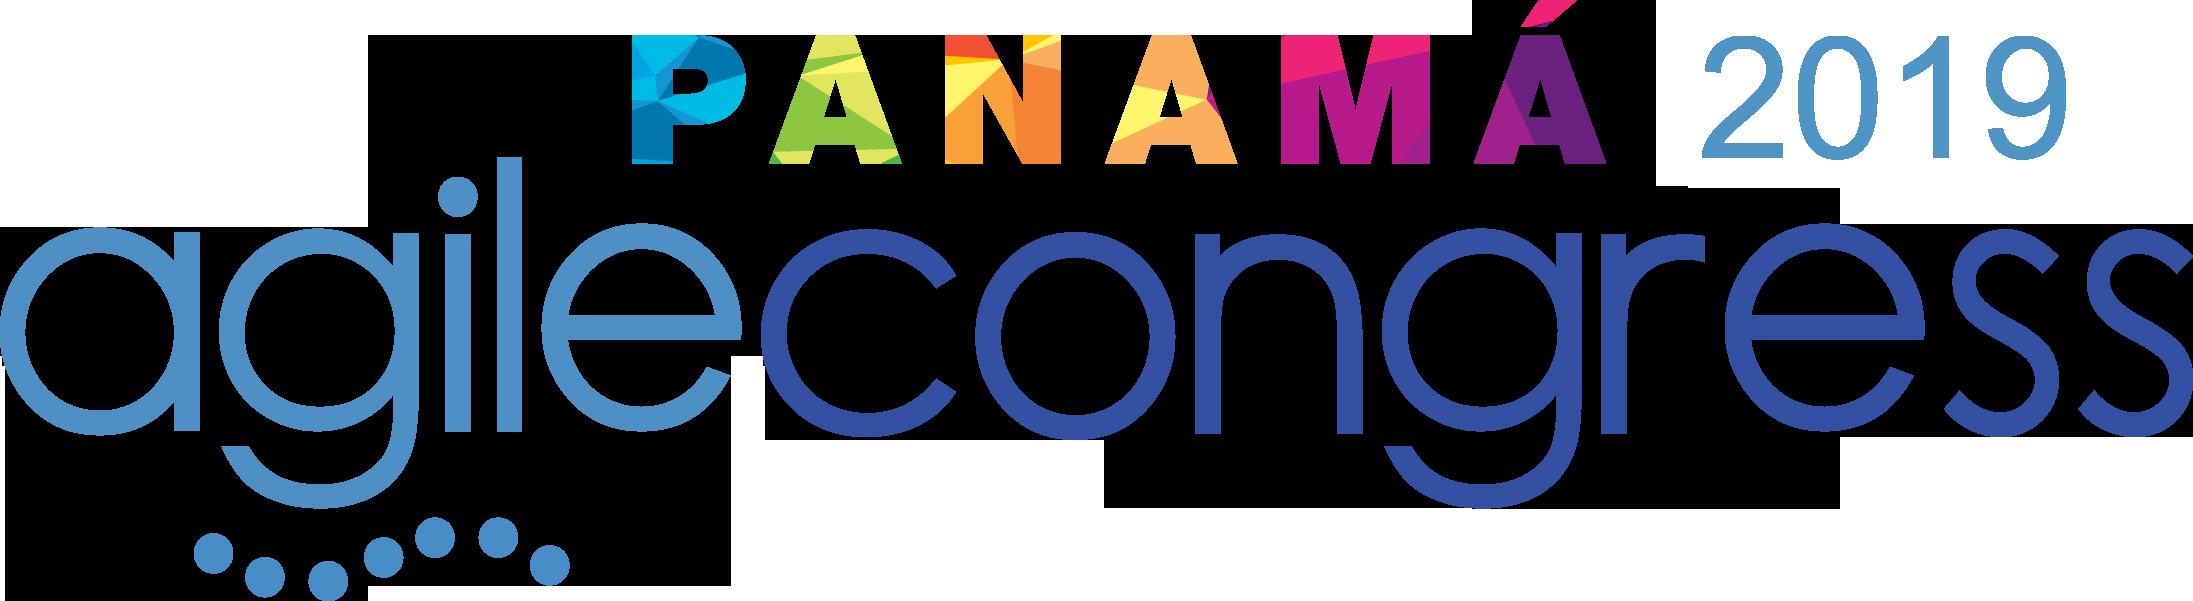 Panama Agile Congress – Tercer Congreso de Innovación y Agilidad en Panama – Scrum y Design Thinking